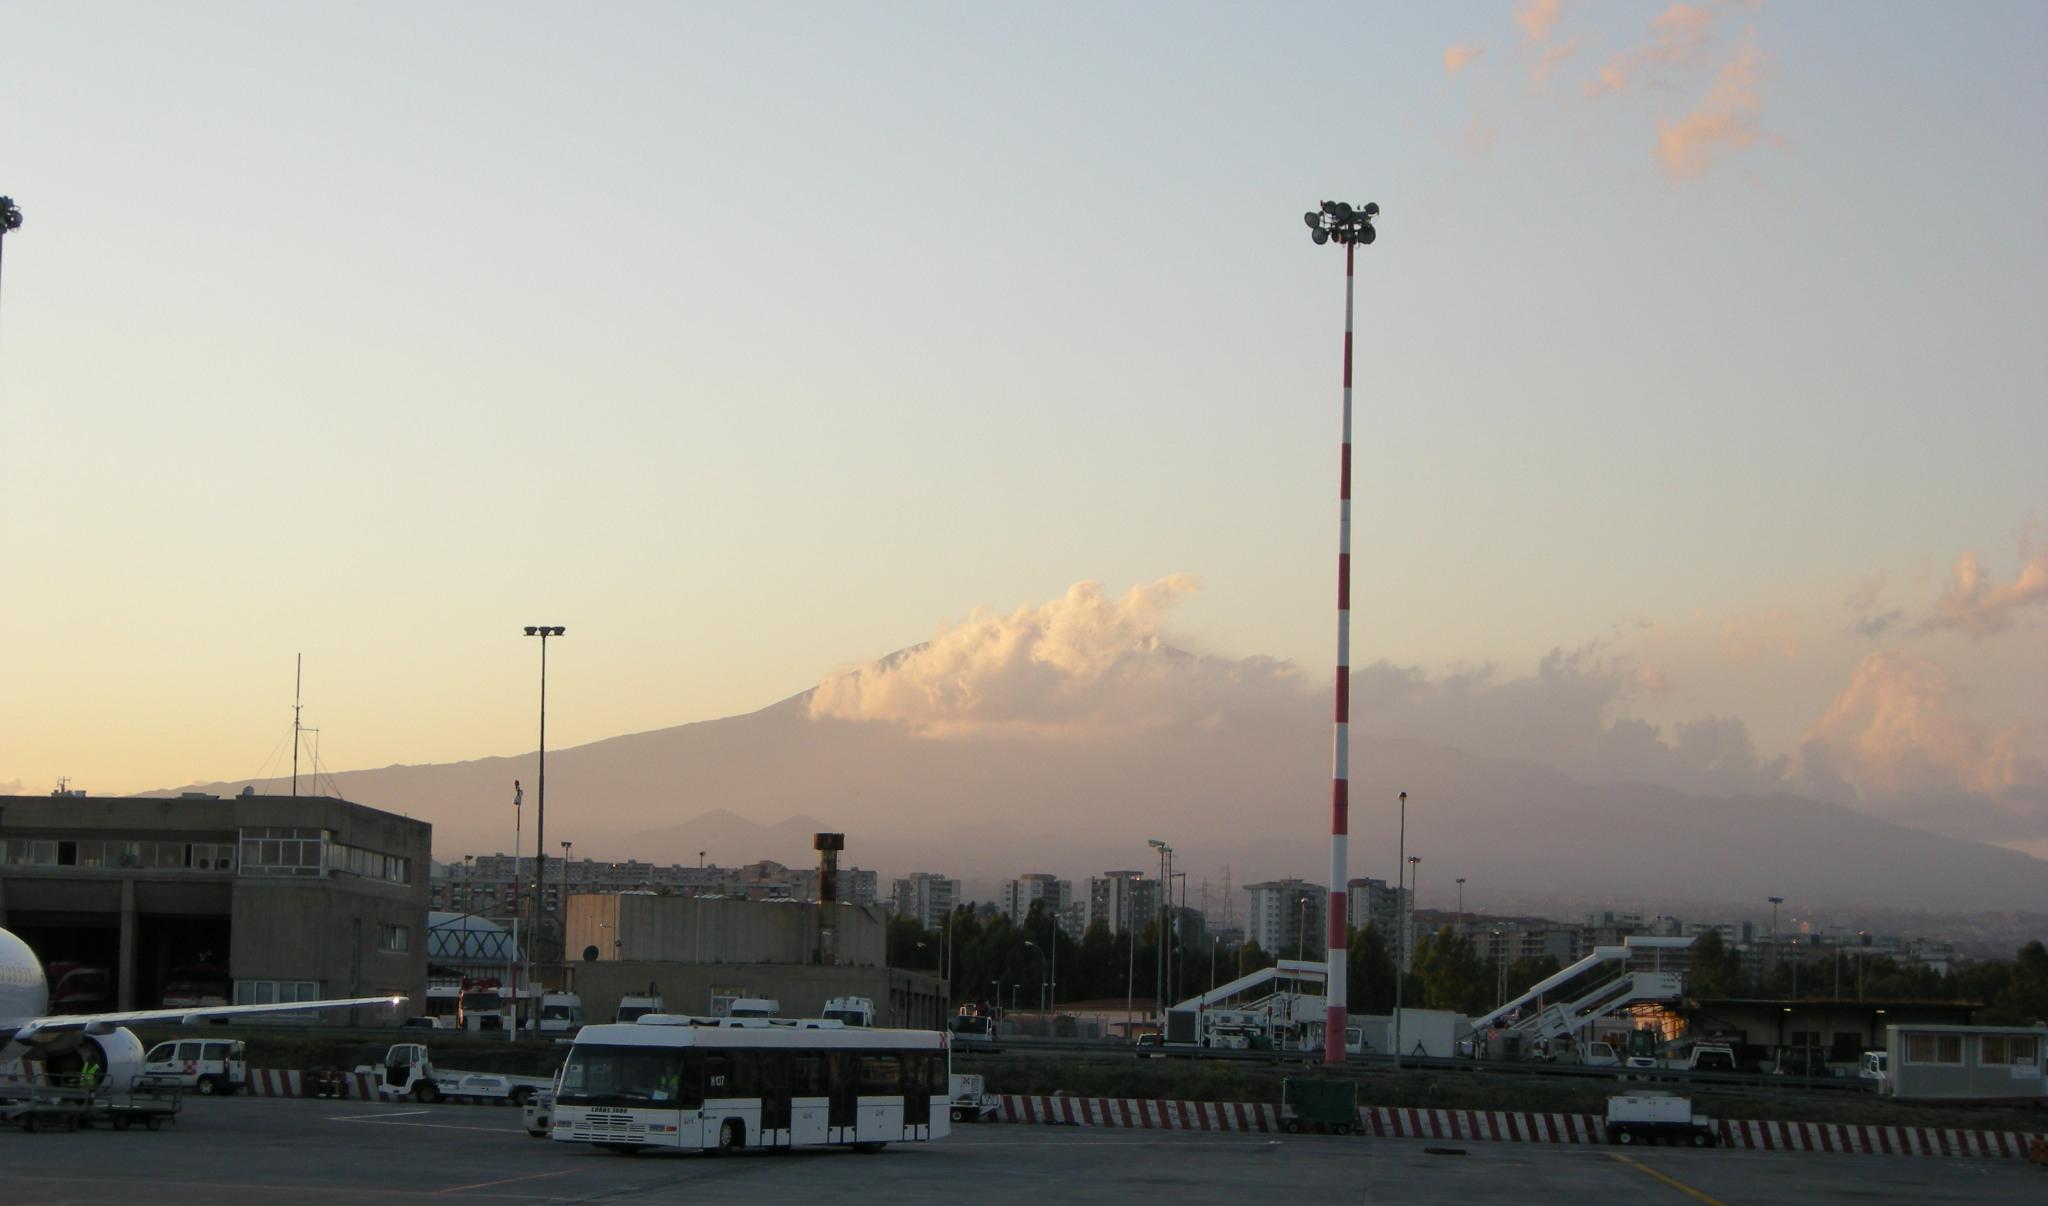 Etna eruzione conclusa, aeroporto riaperto$